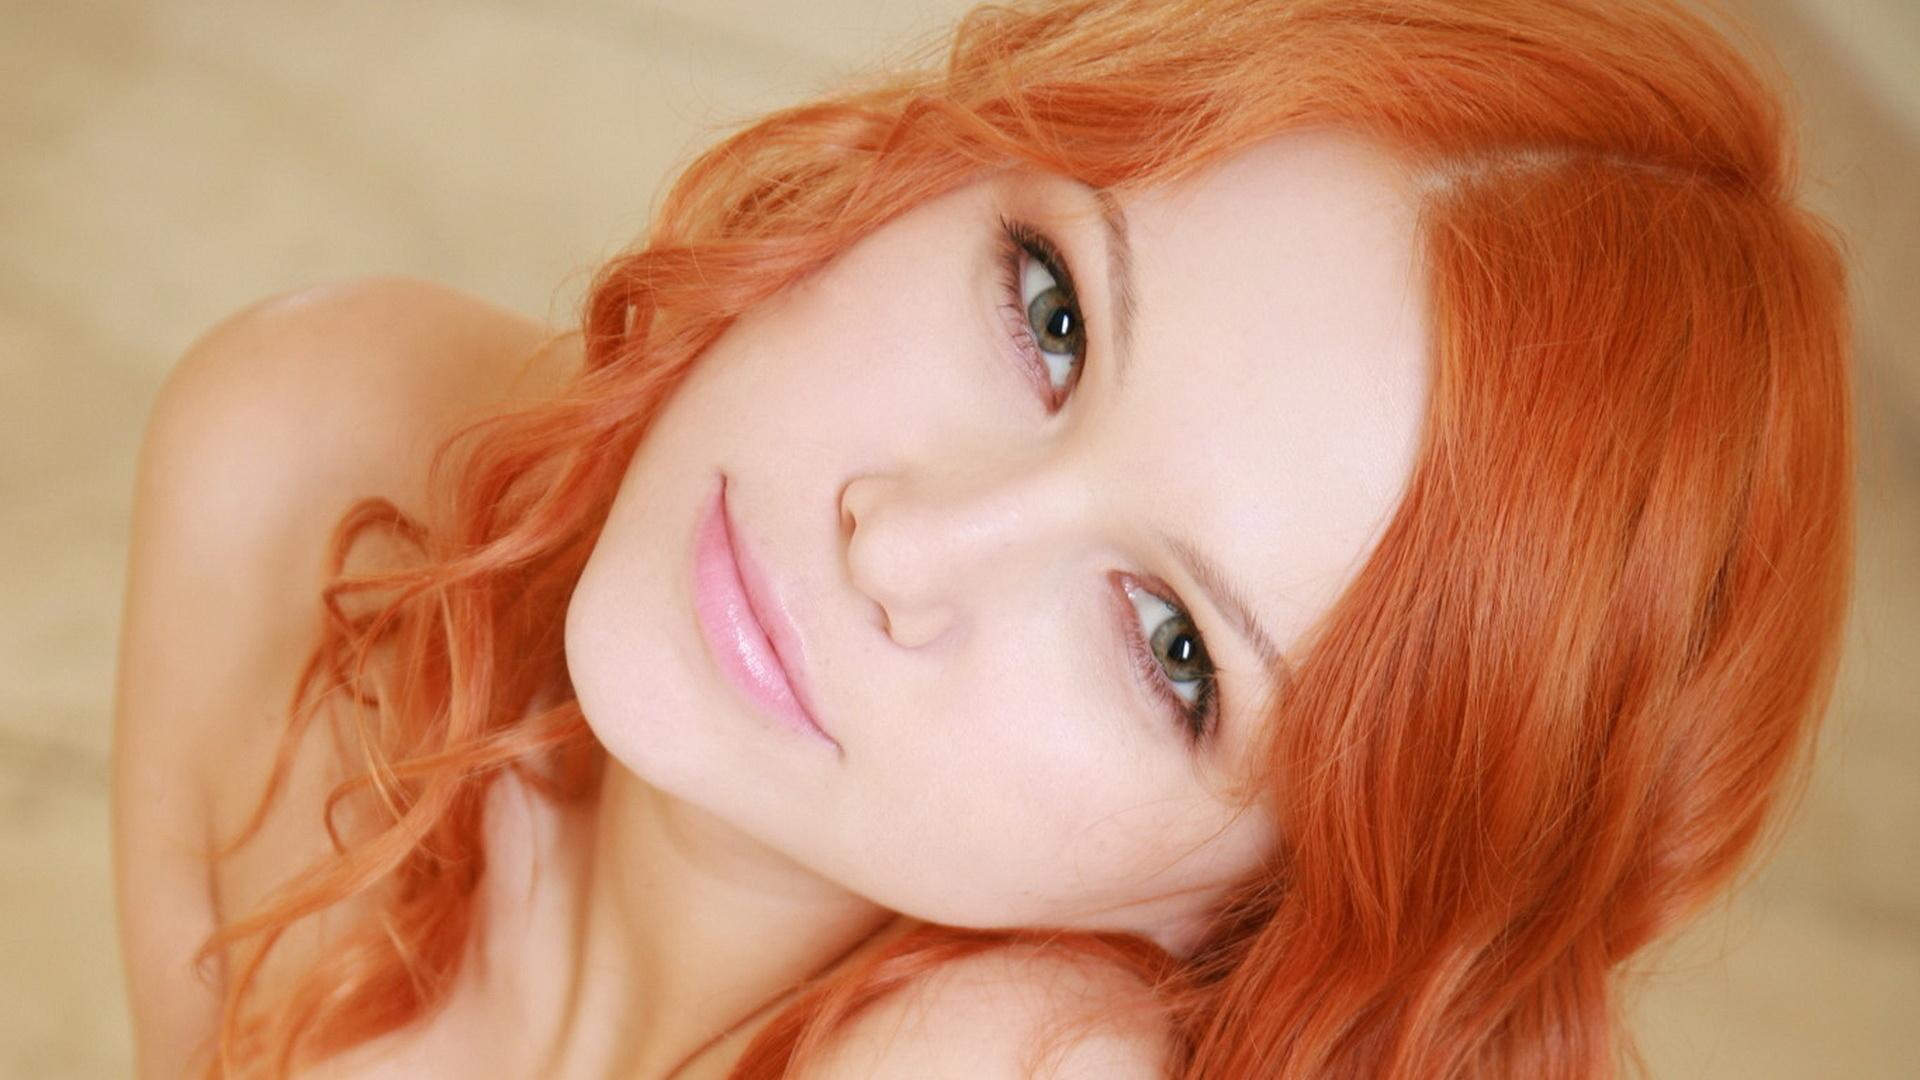 Рыжей голой девушки, Голые рыжие девушки - фото красивых женщин и девок 23 фотография